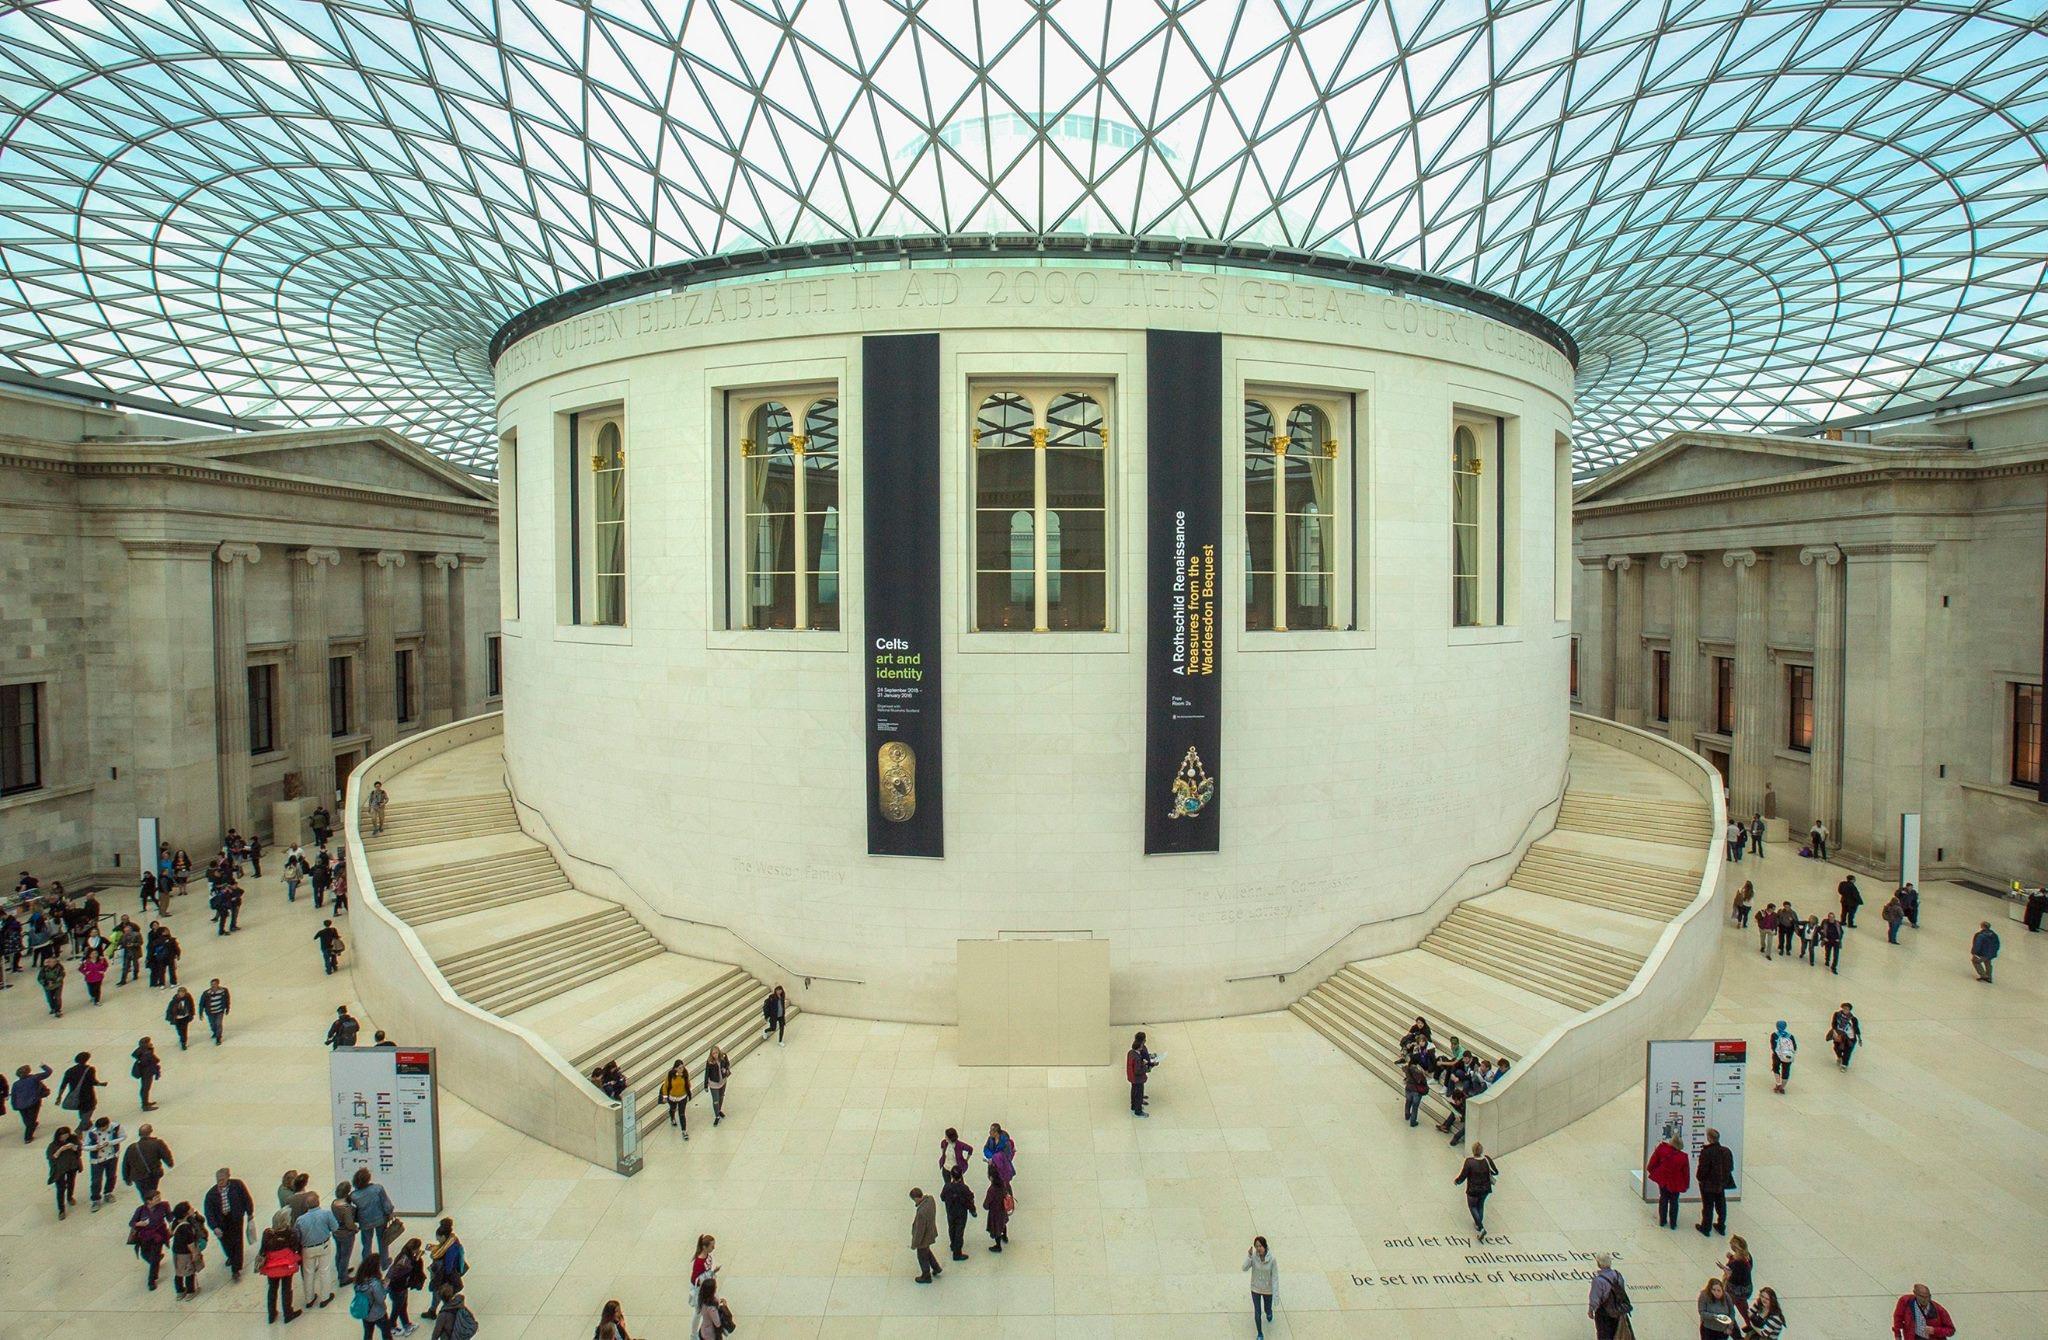 British Museum, United Kingdom